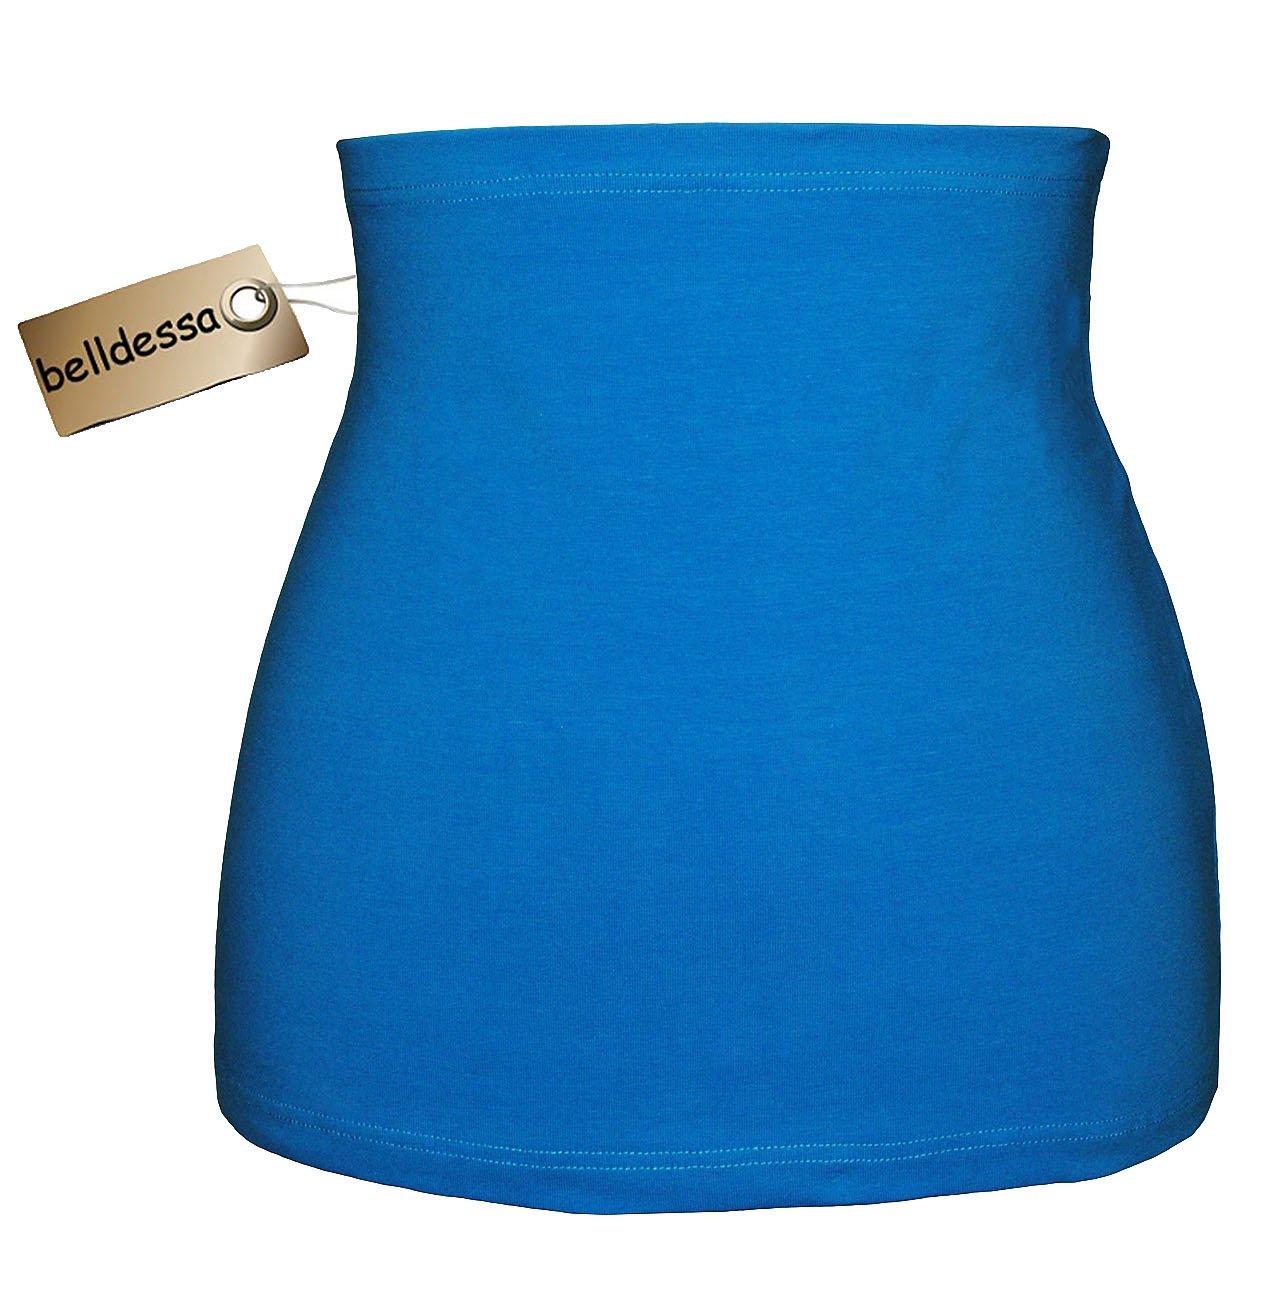 Jersey Baumwolle – azur / türkis blau – Nierenwärmer / Rückenwärmer / Bauchwärmer / Shirt Verlängerer – Größe: Männer XXL – ideal auch für Blasenentzündung und Hexenschuss / Rückenschmerzen online bestellen